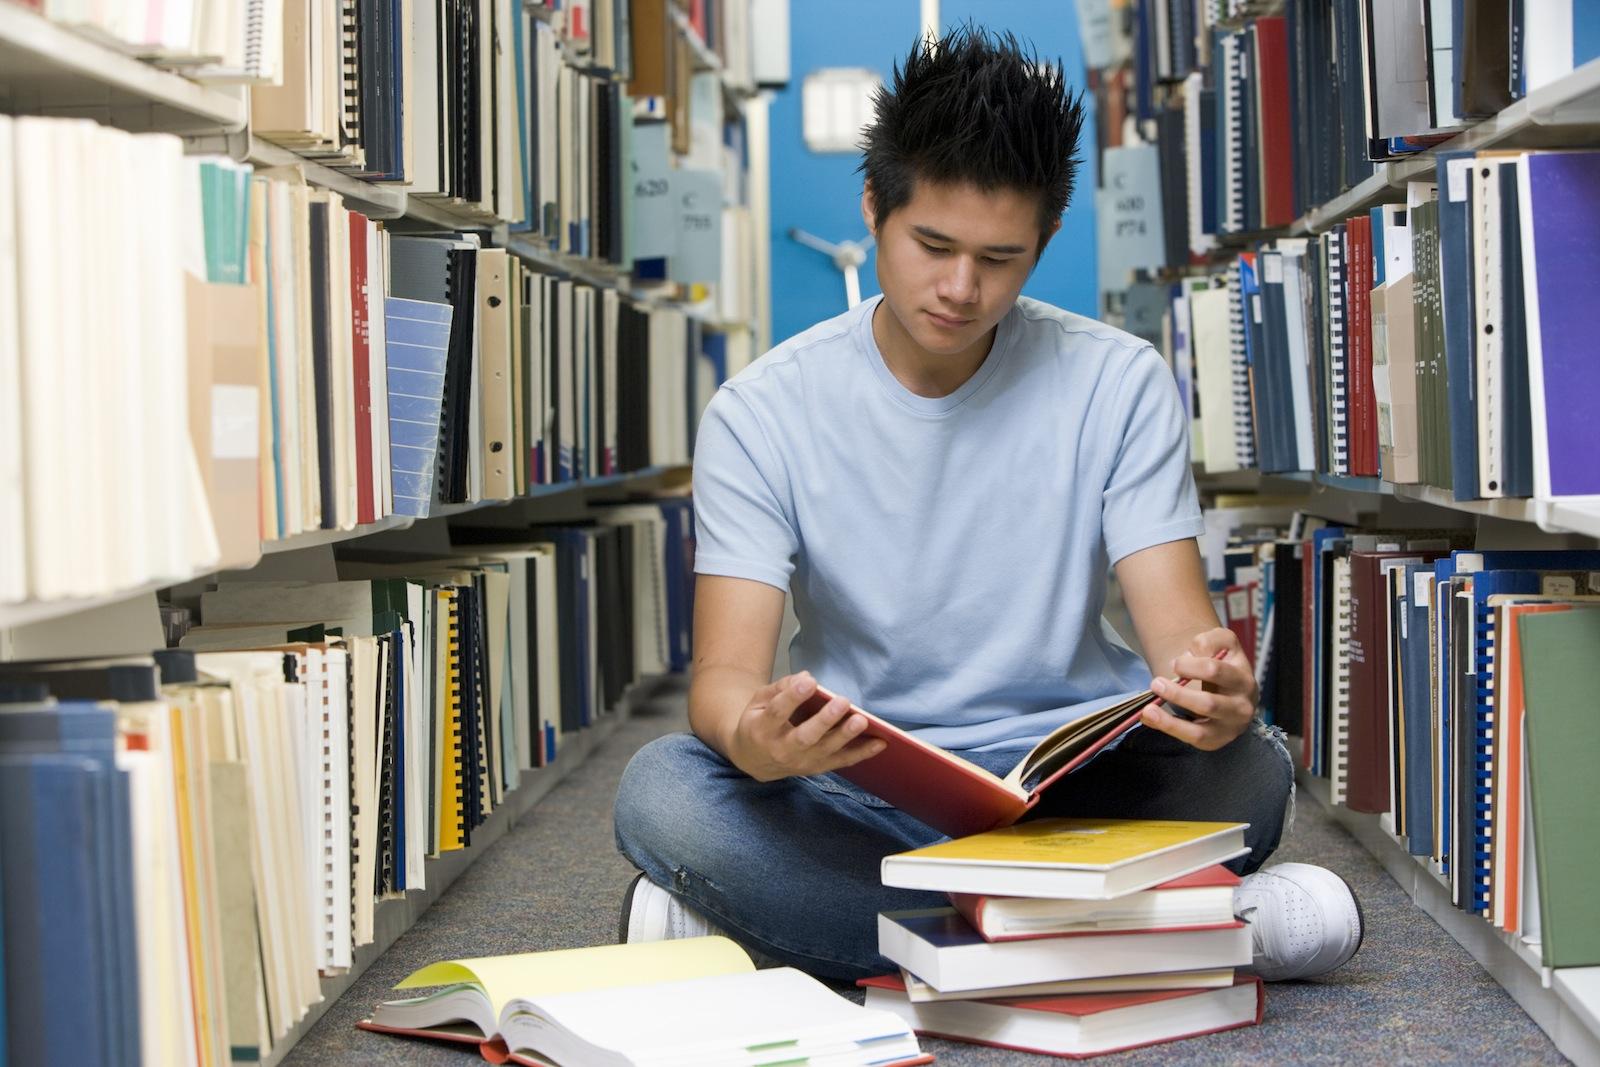 تحميل الكتب العربية المدفوعة مجانا